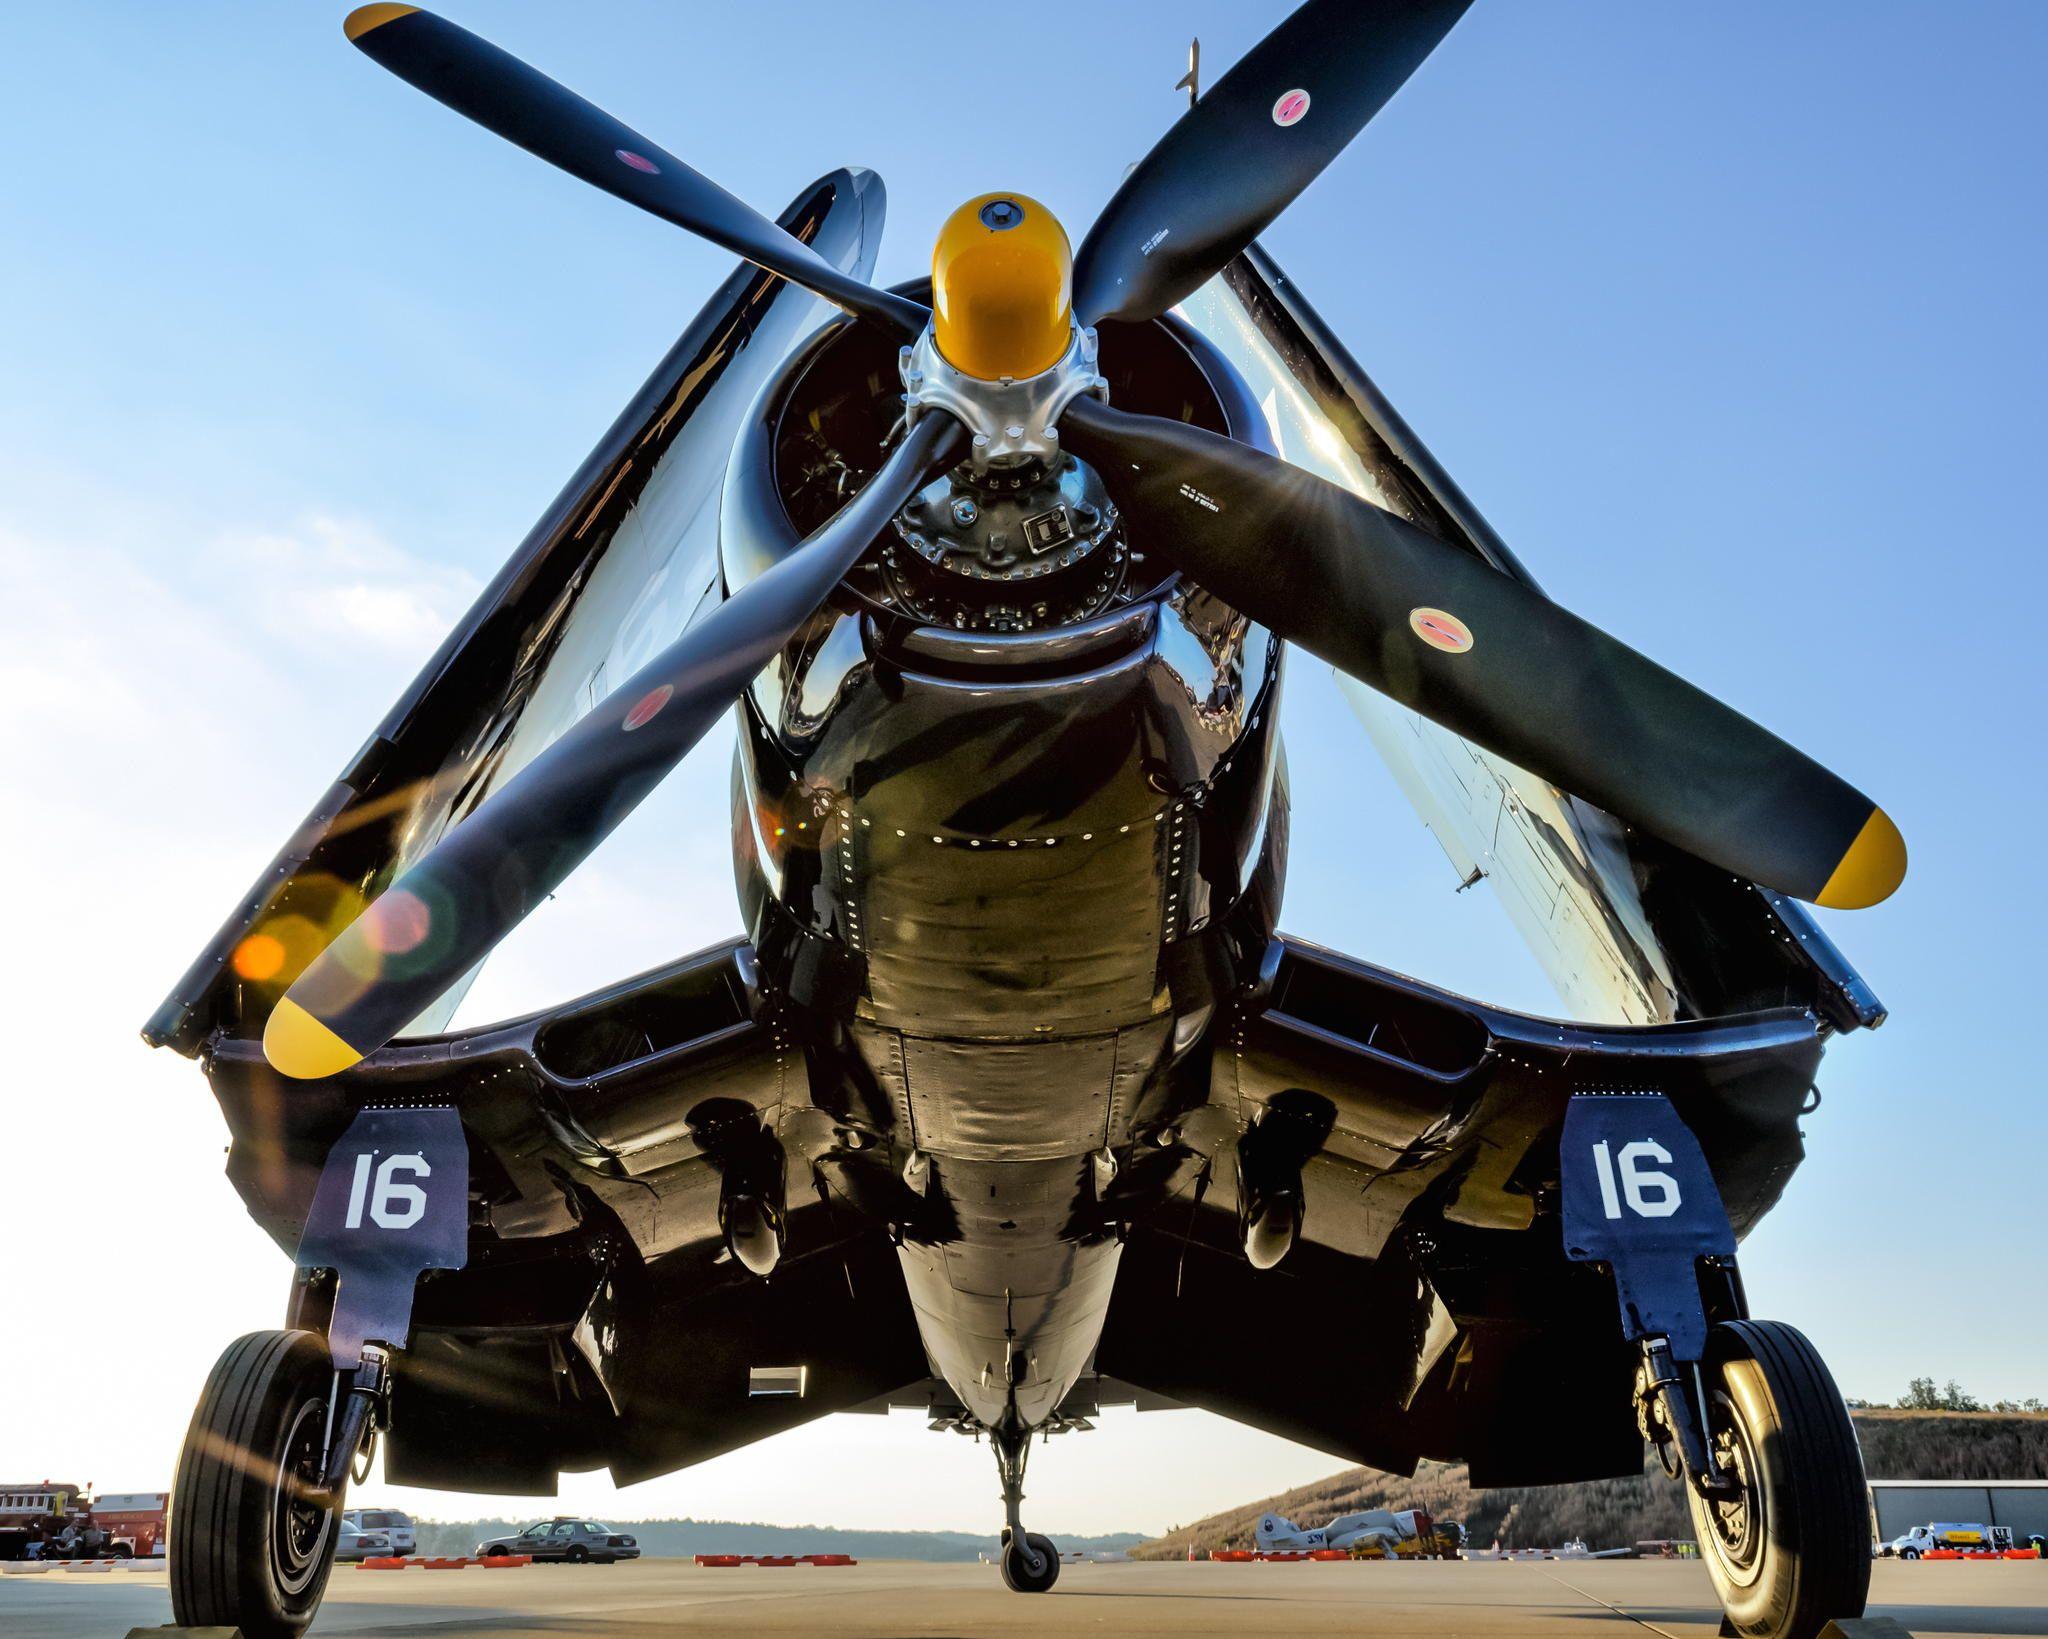 F4U Corsair low and close